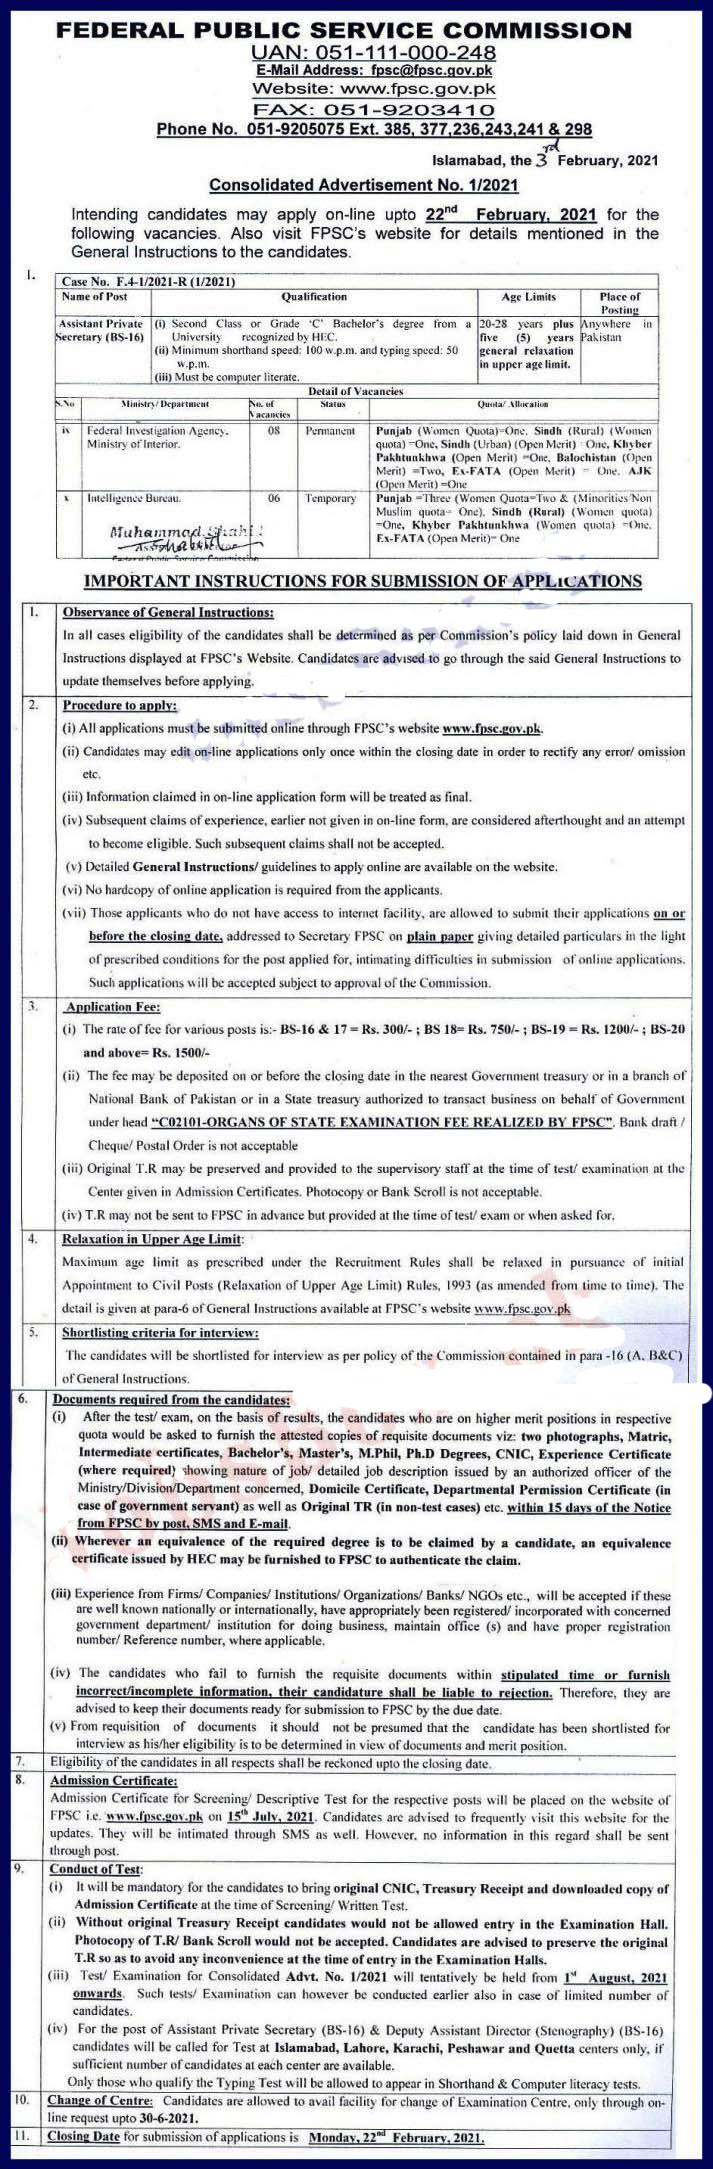 FIA jobs 2021